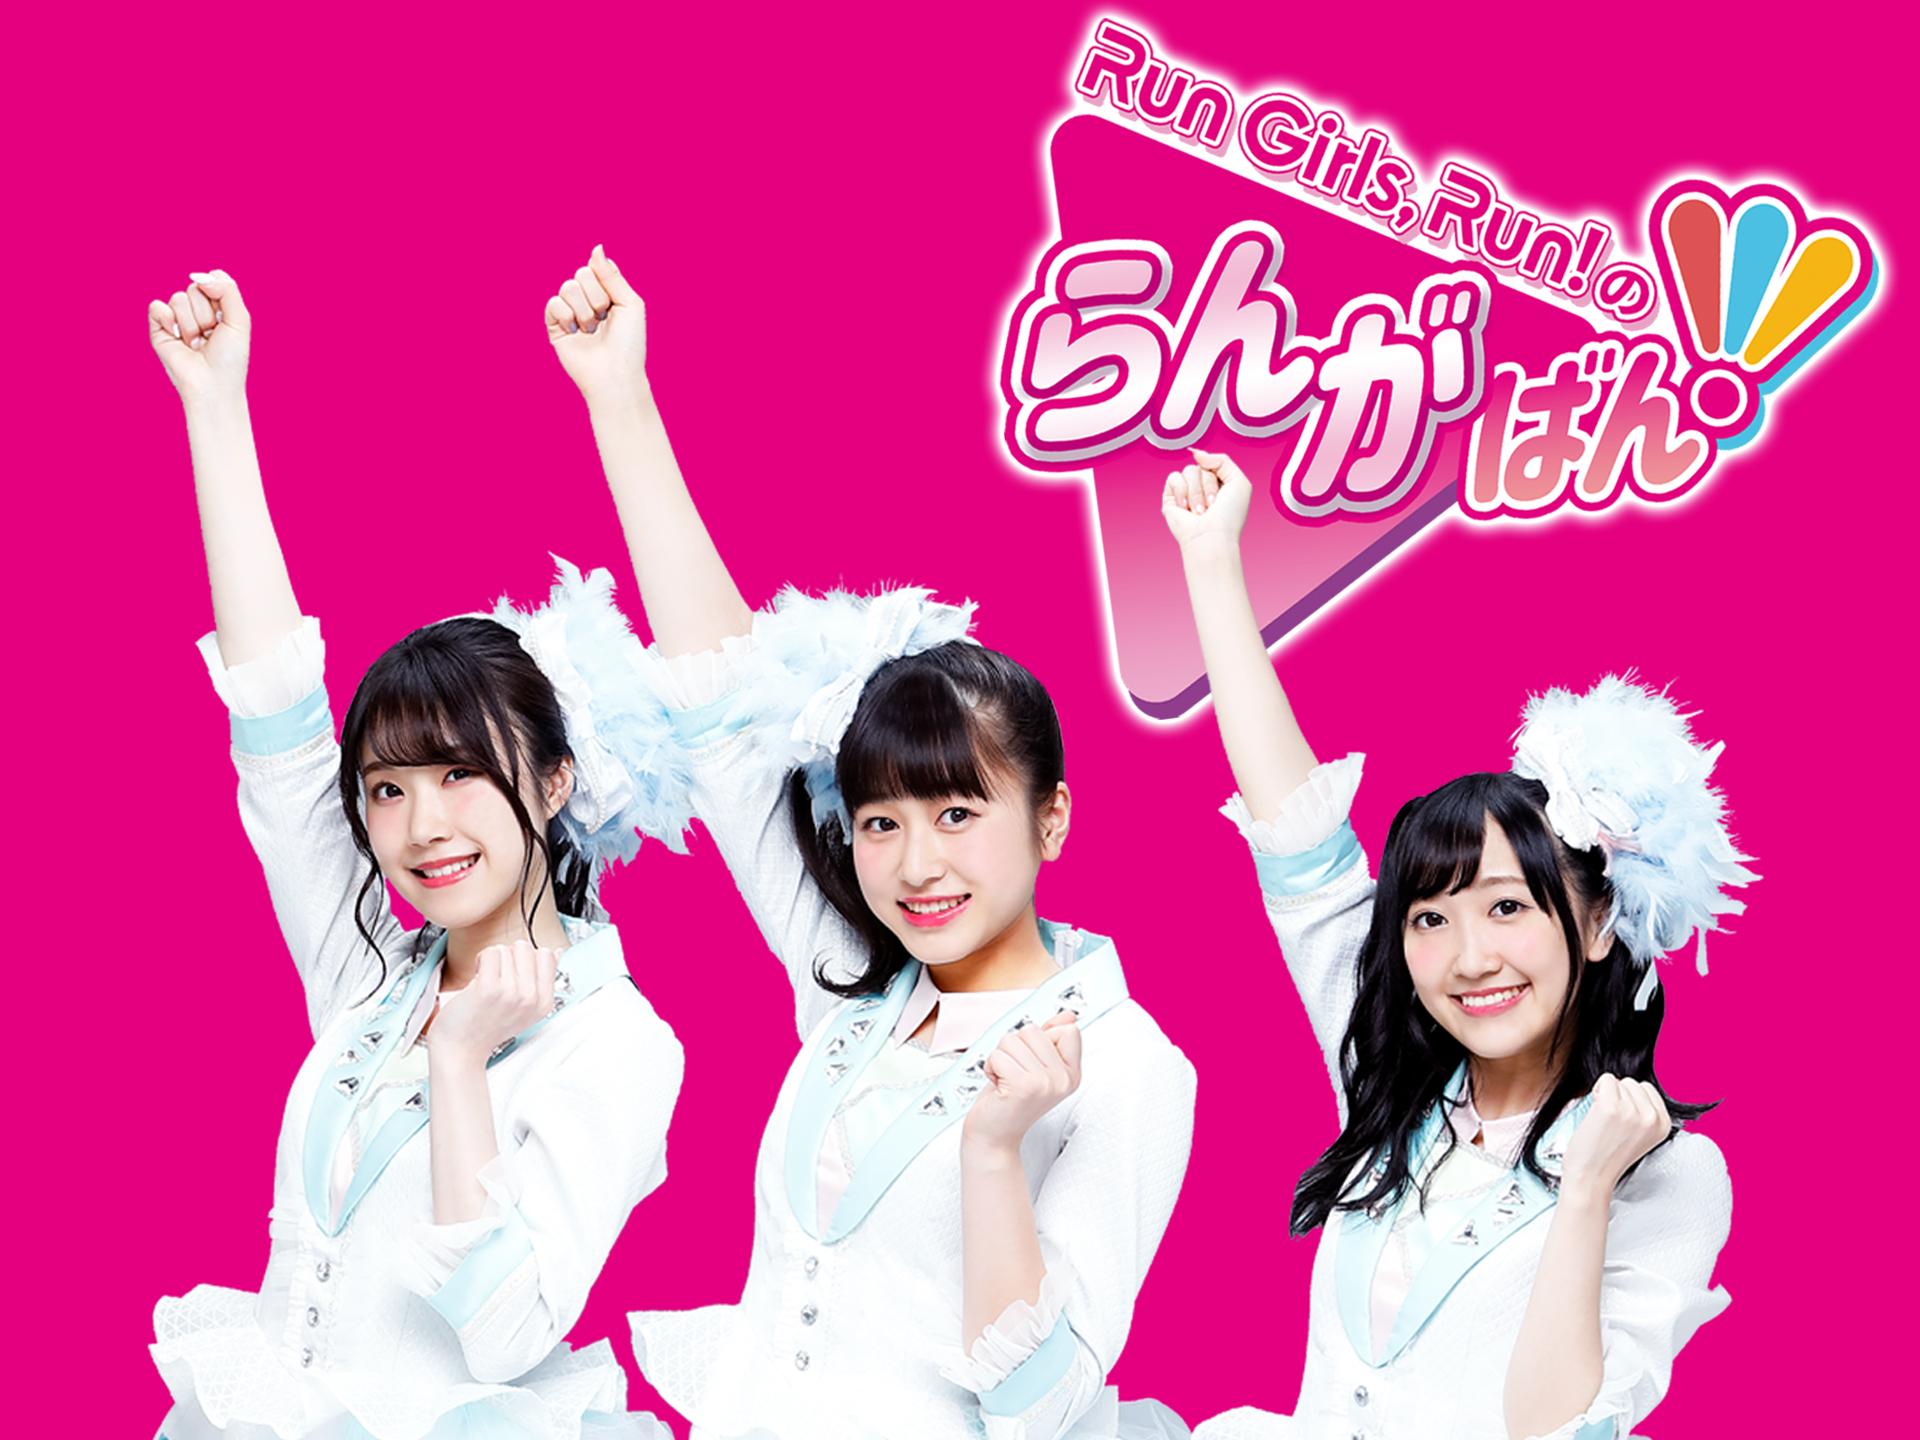 Run Girls, Run!のらんがばん!